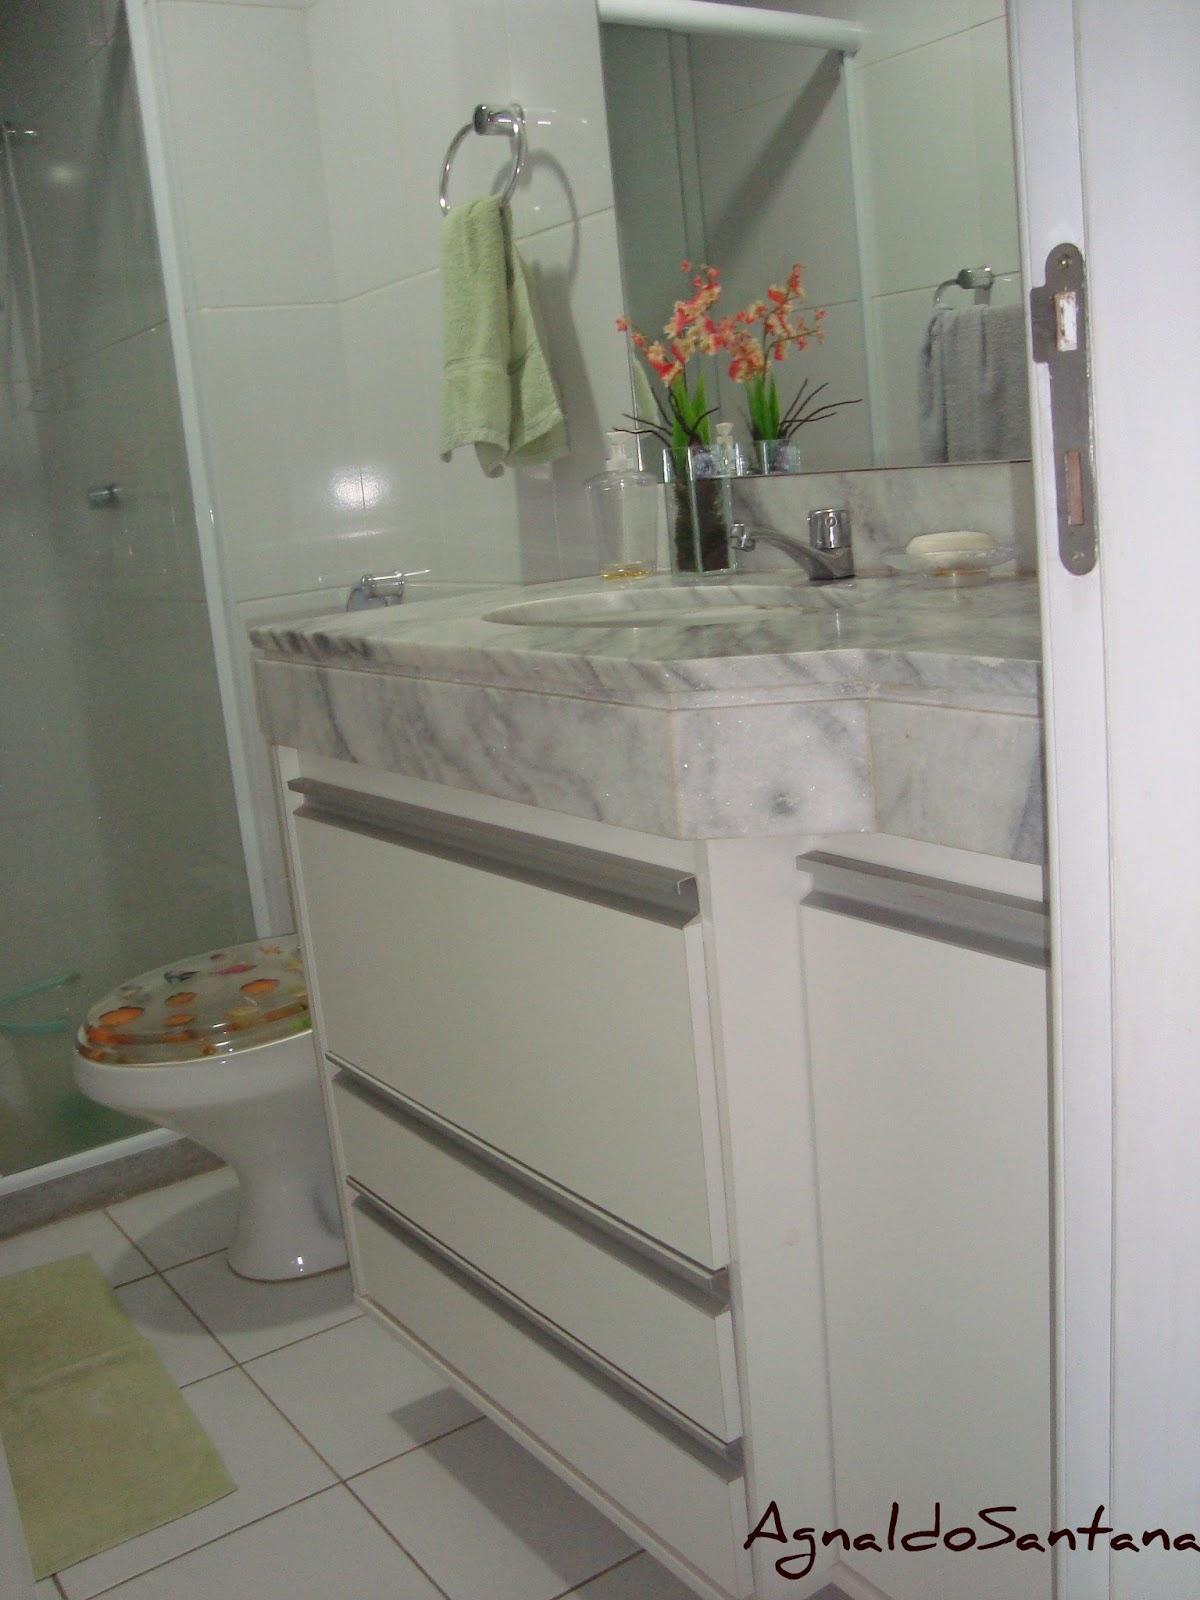 Agnaldo Santana : Banheiros #614E41 1200x1600 Armarinho De Banheiro De Vidro